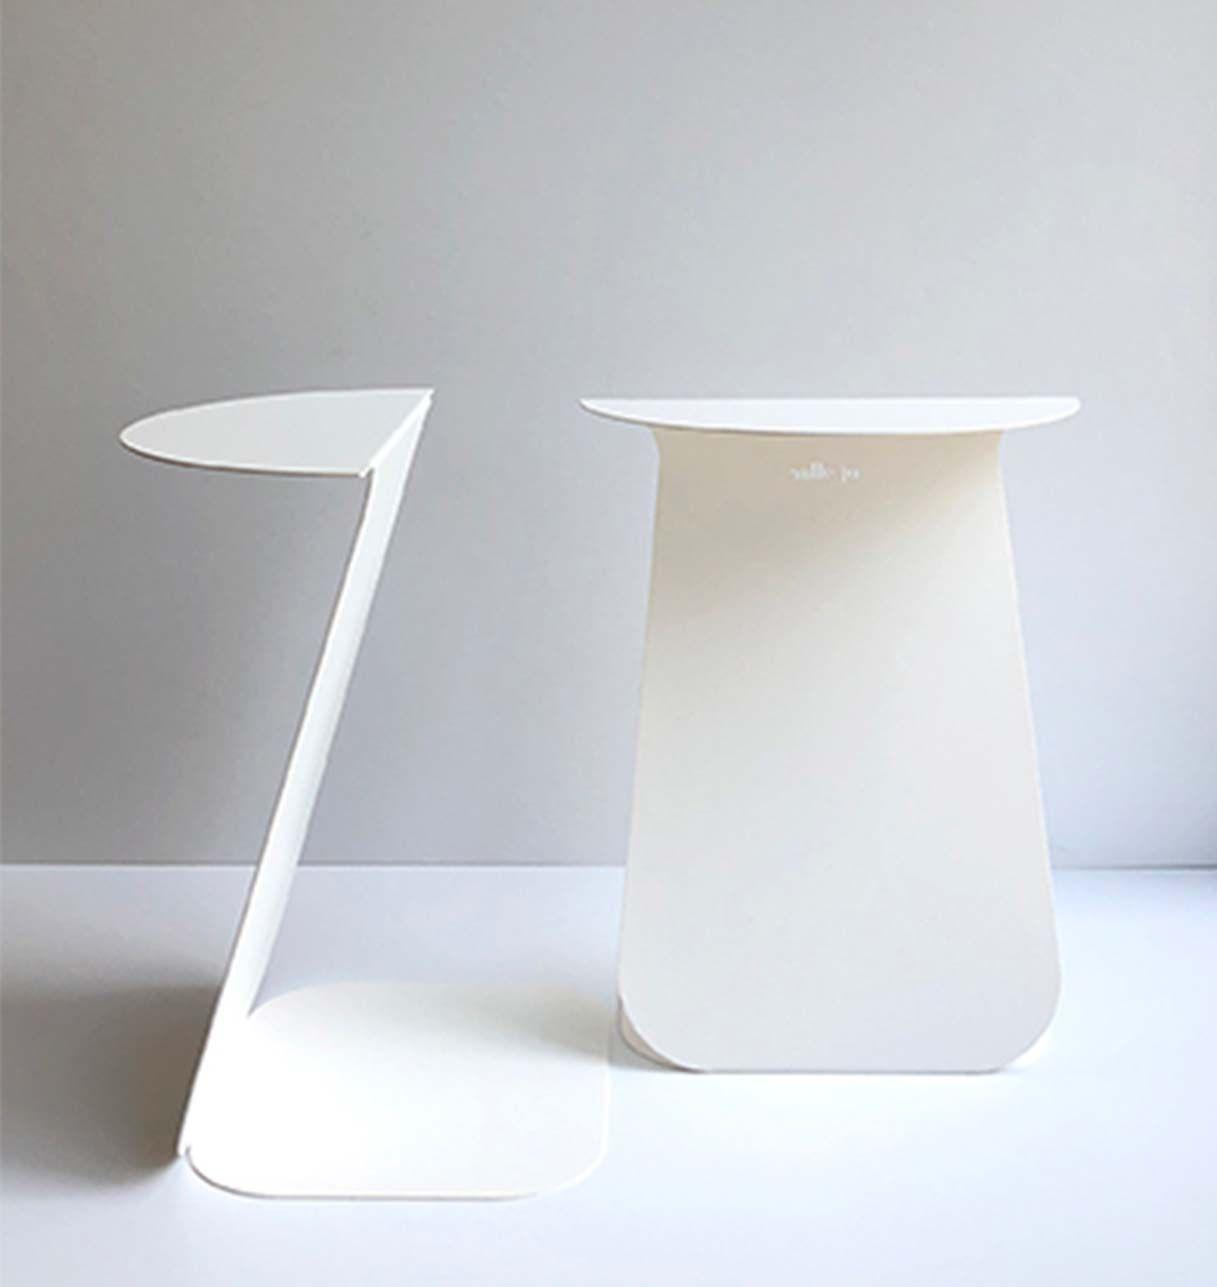 Couple de Tables d'Appoint Rectangulaires - Fusion